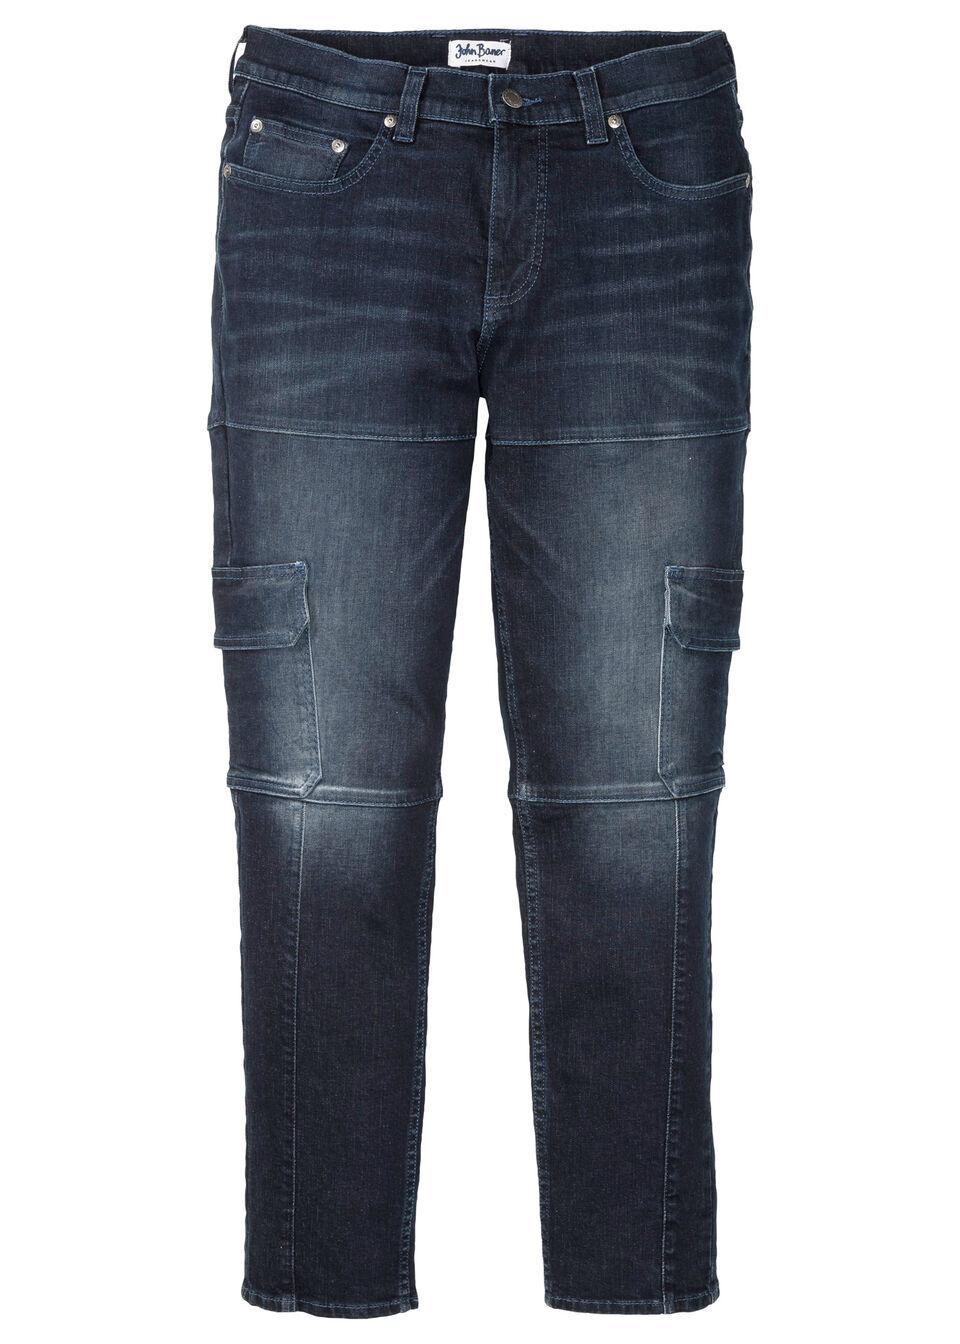 Dżinsy bojówki ze stretchem Slim Fit Straight bonprix ciemnoniebieski denim